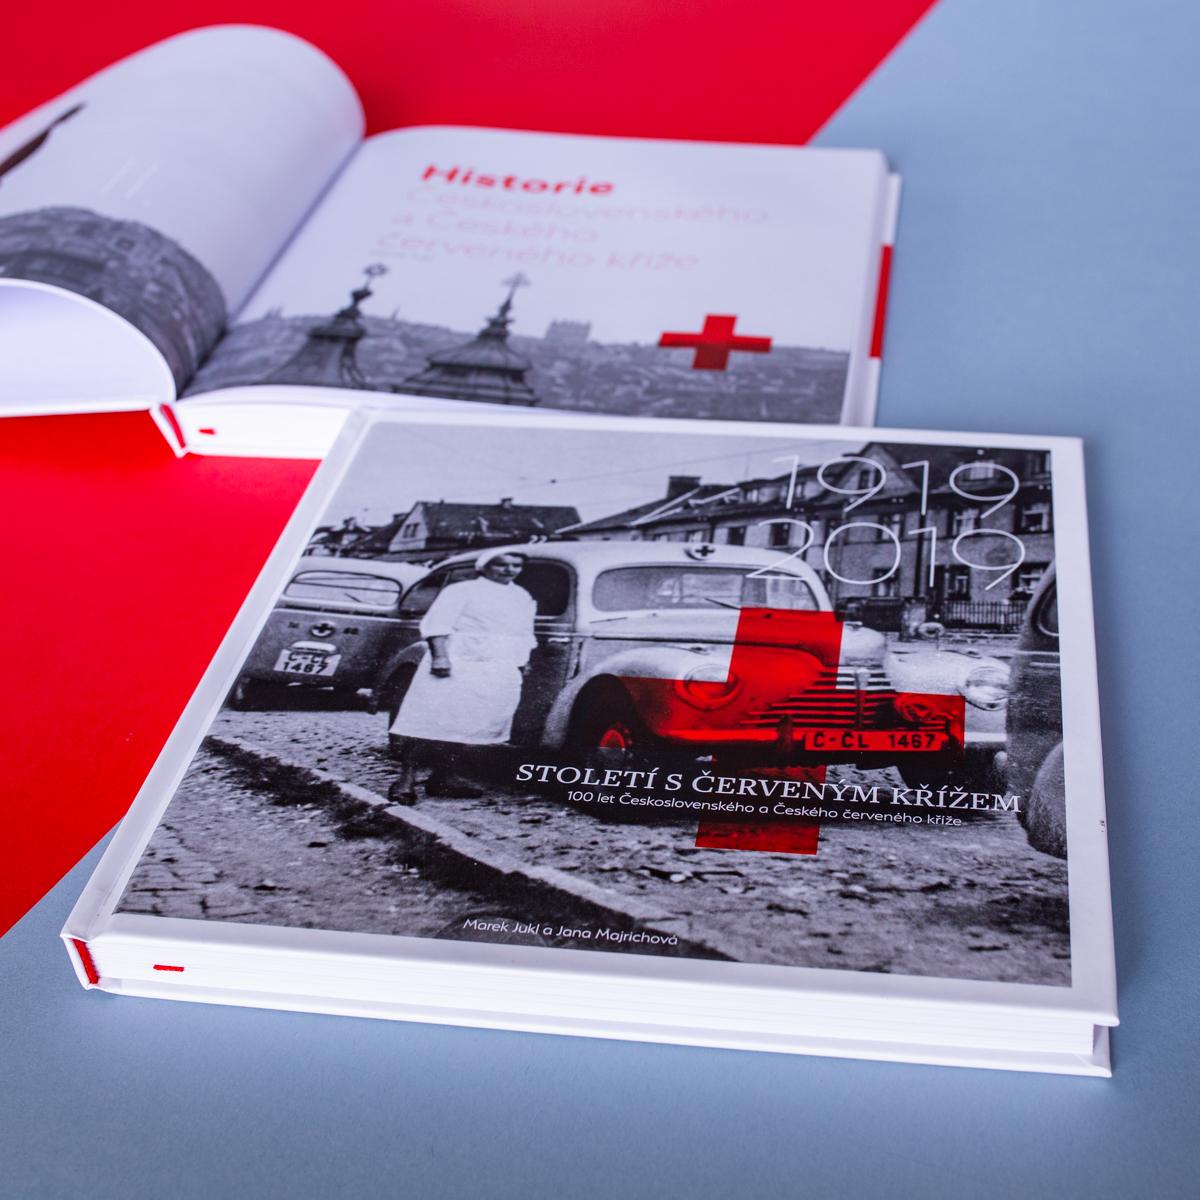 Monografie Století s Červeným křížem s podtitulem 100 let Československého a Českého červeného kříže přináší dosud nepublikovaná fakta či souvislosti